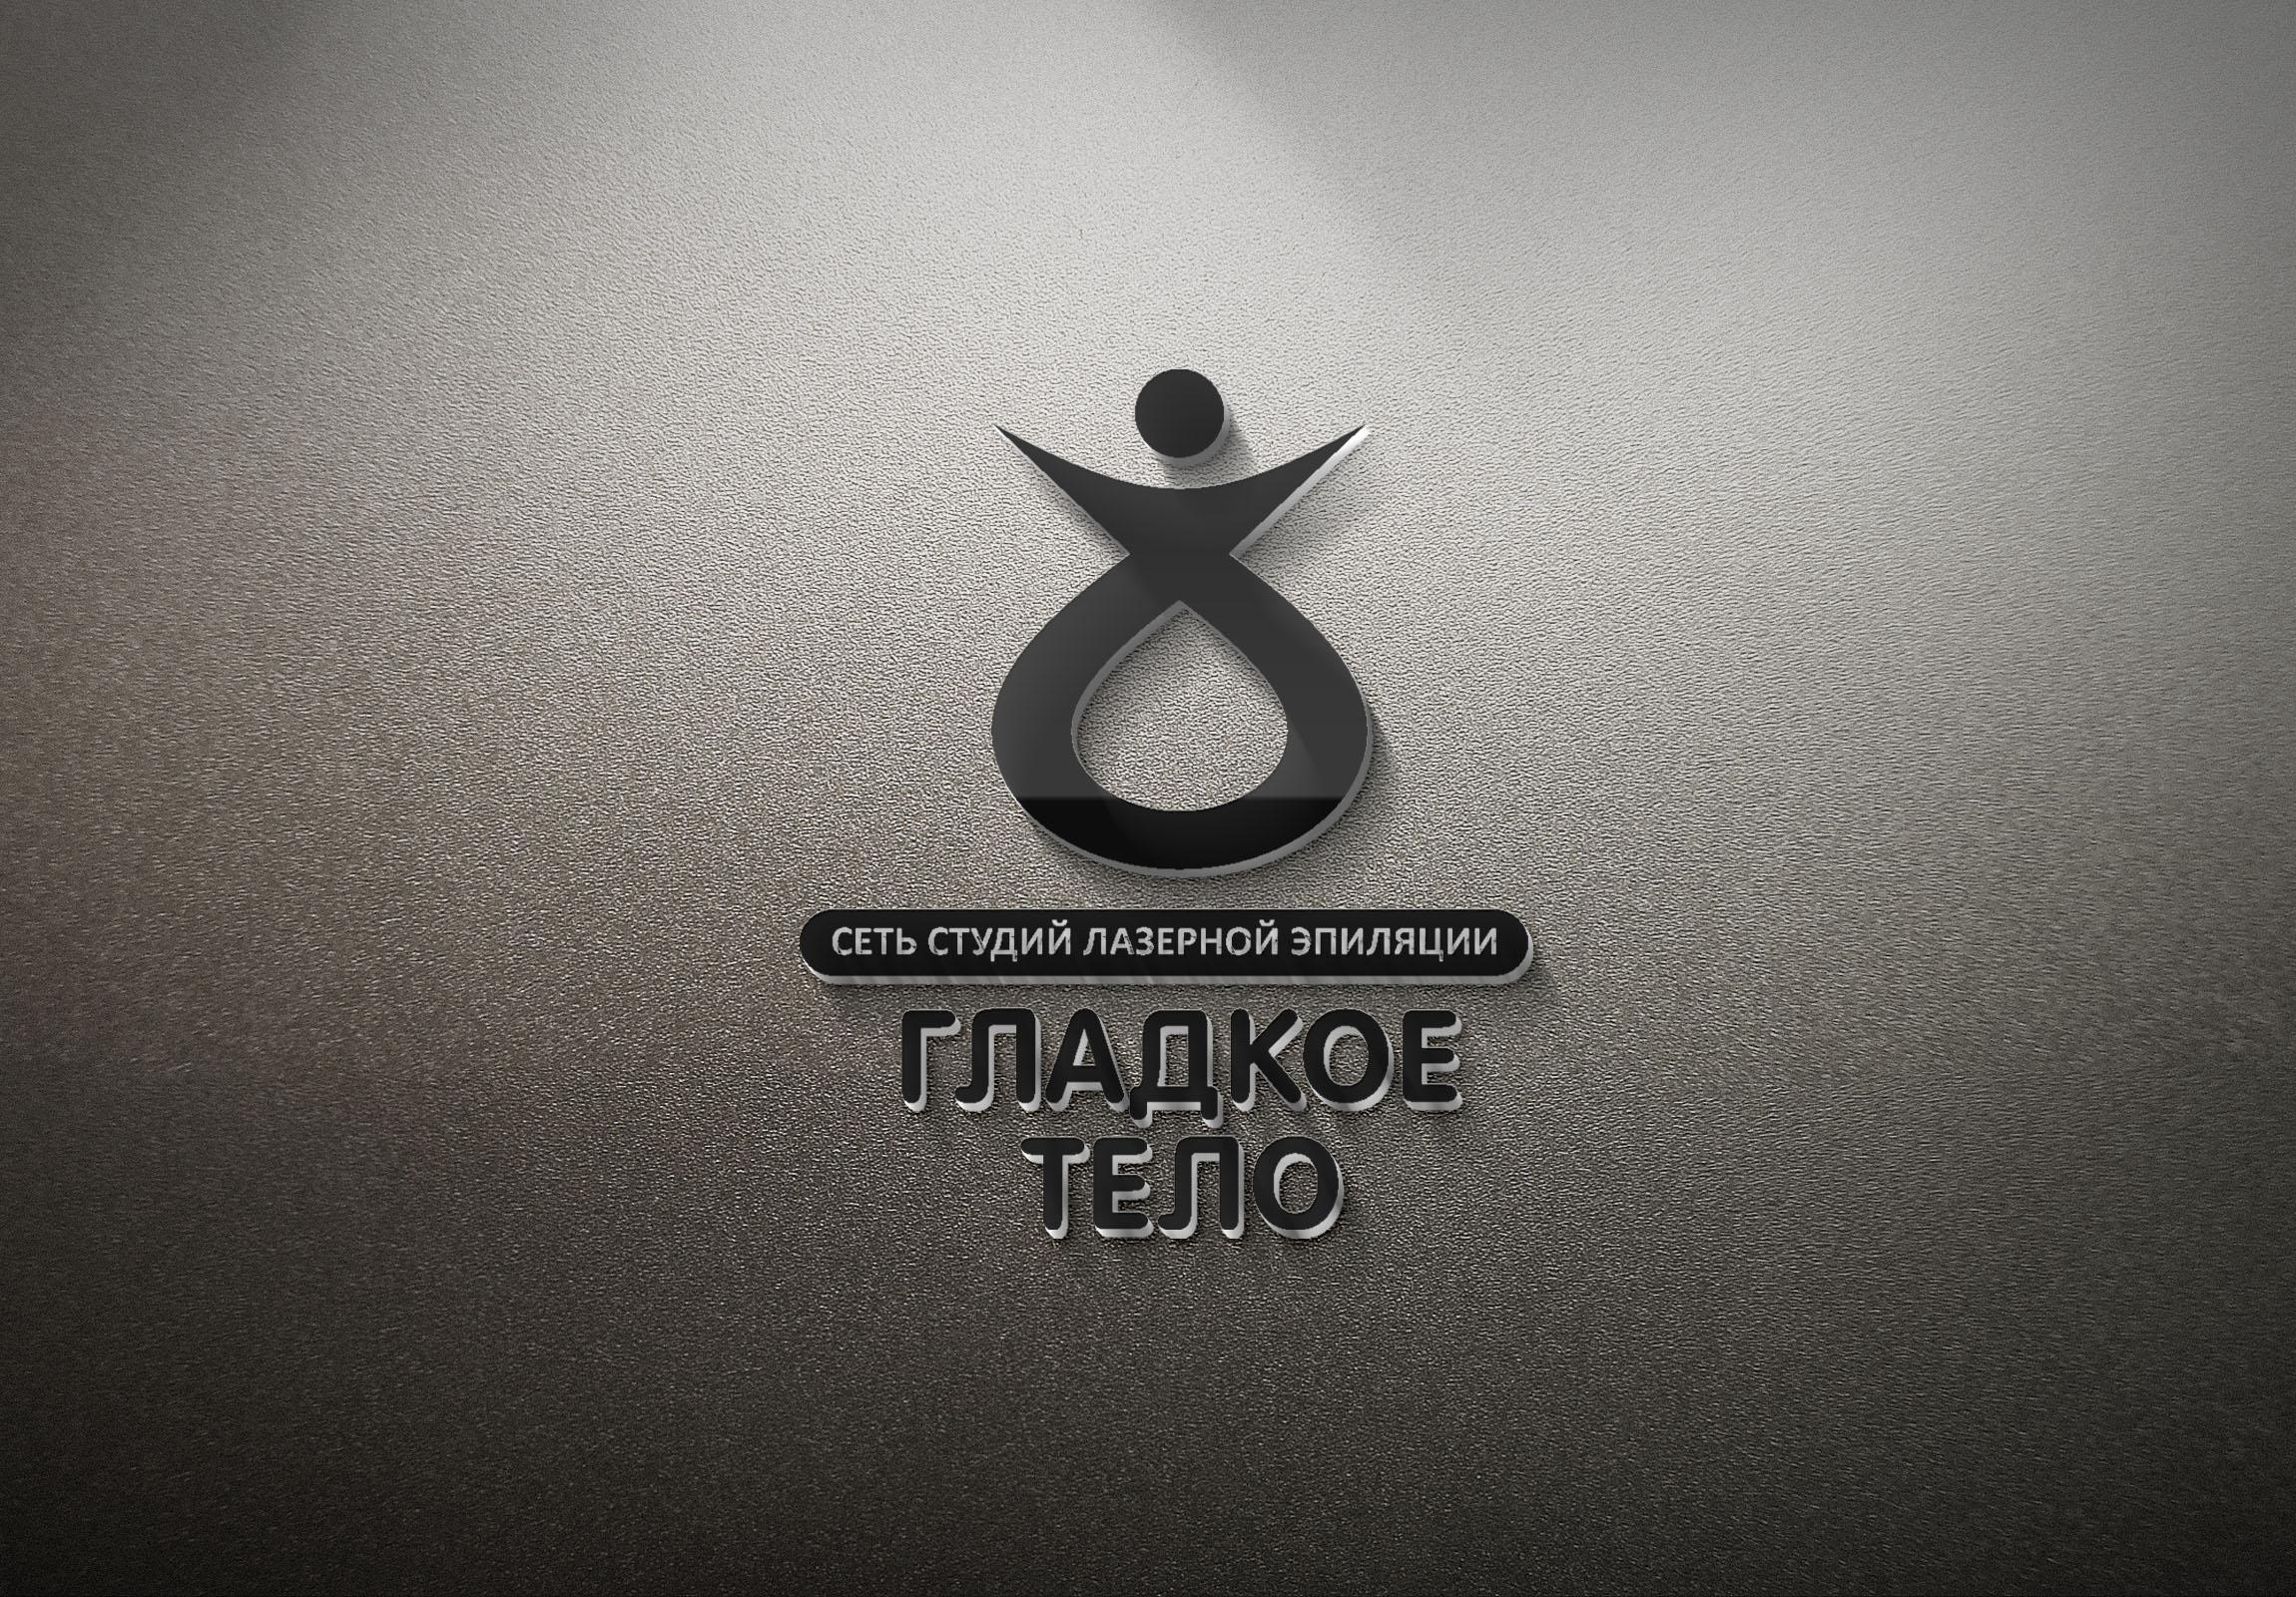 Логотип для сети студий лазерной эпиляции фото f_6415a532d865bdcf.jpg